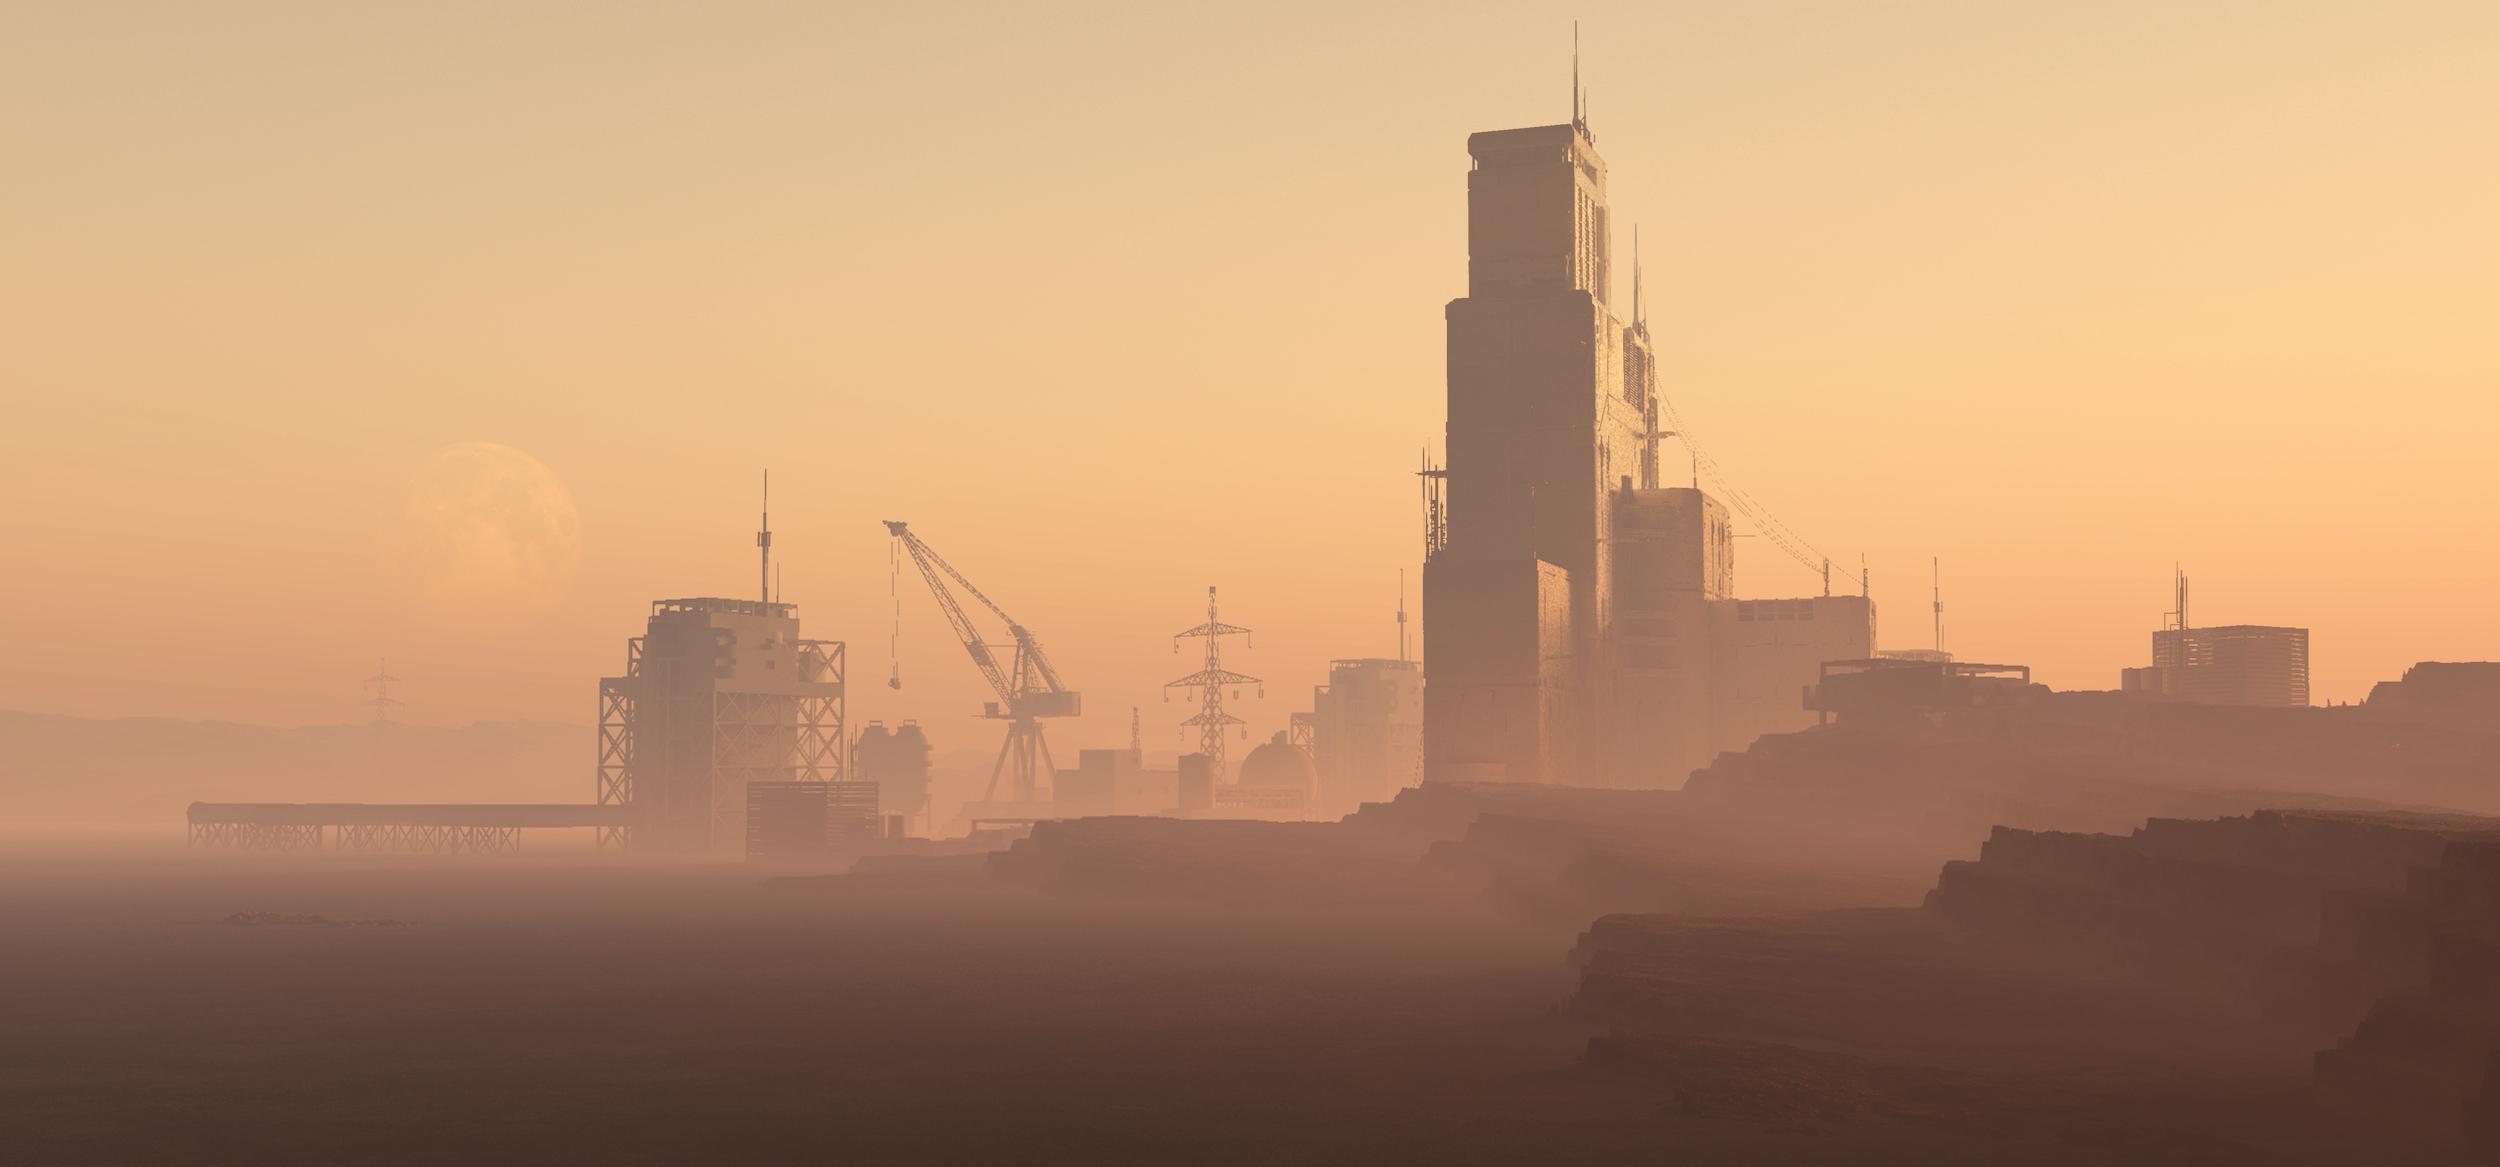 पर्यावरण का वातावरण। 3d max vray 3.0 में प्रस्तुत छवि